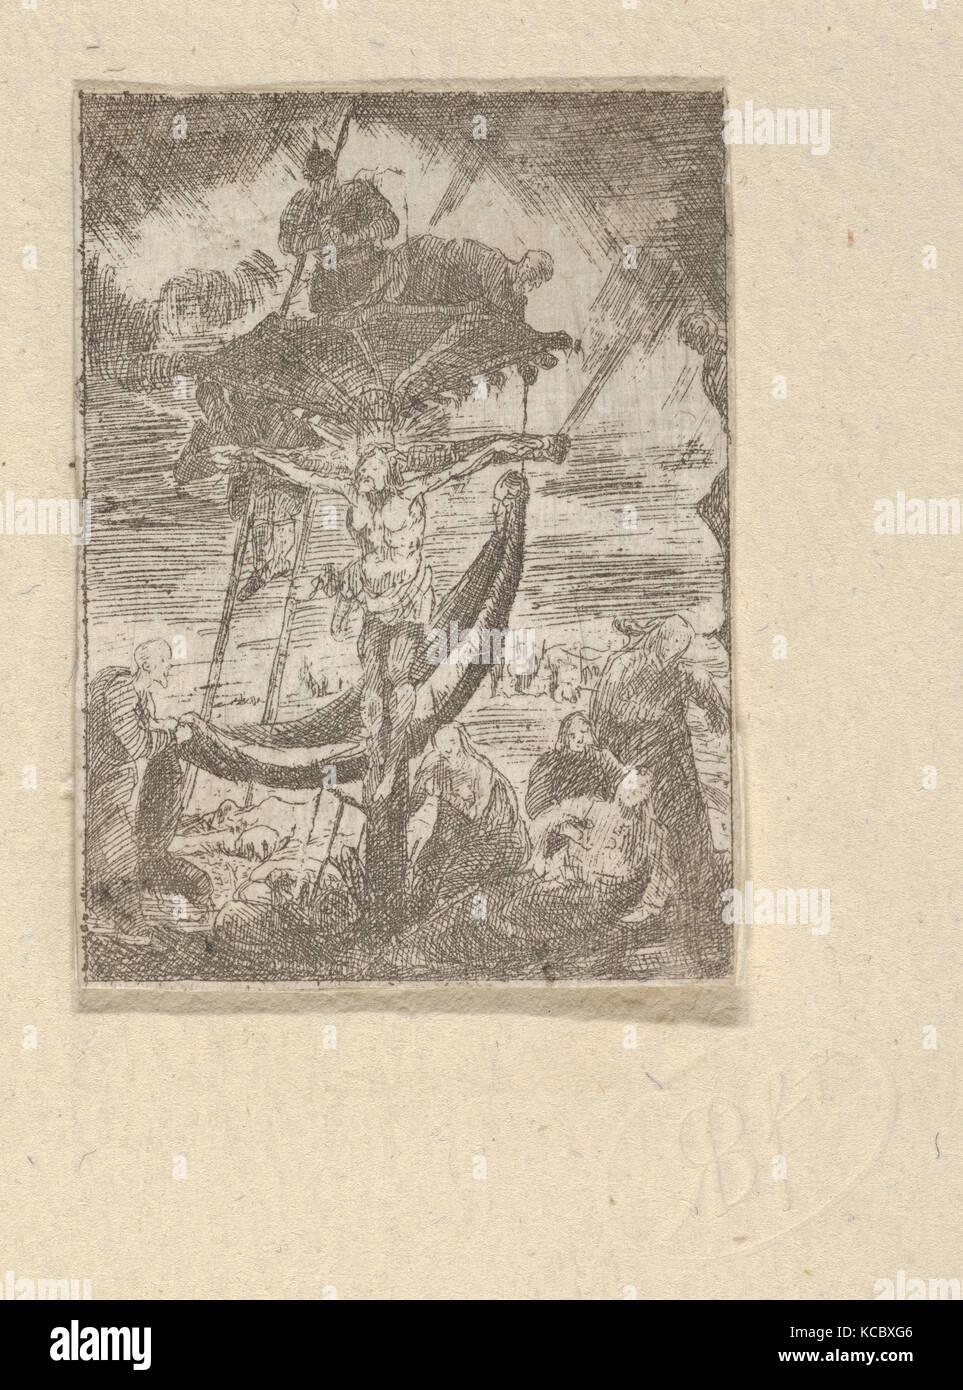 Intérieur de Paysans (campesinos interior), Rodolphe Bresdin, 1850 Foto de stock